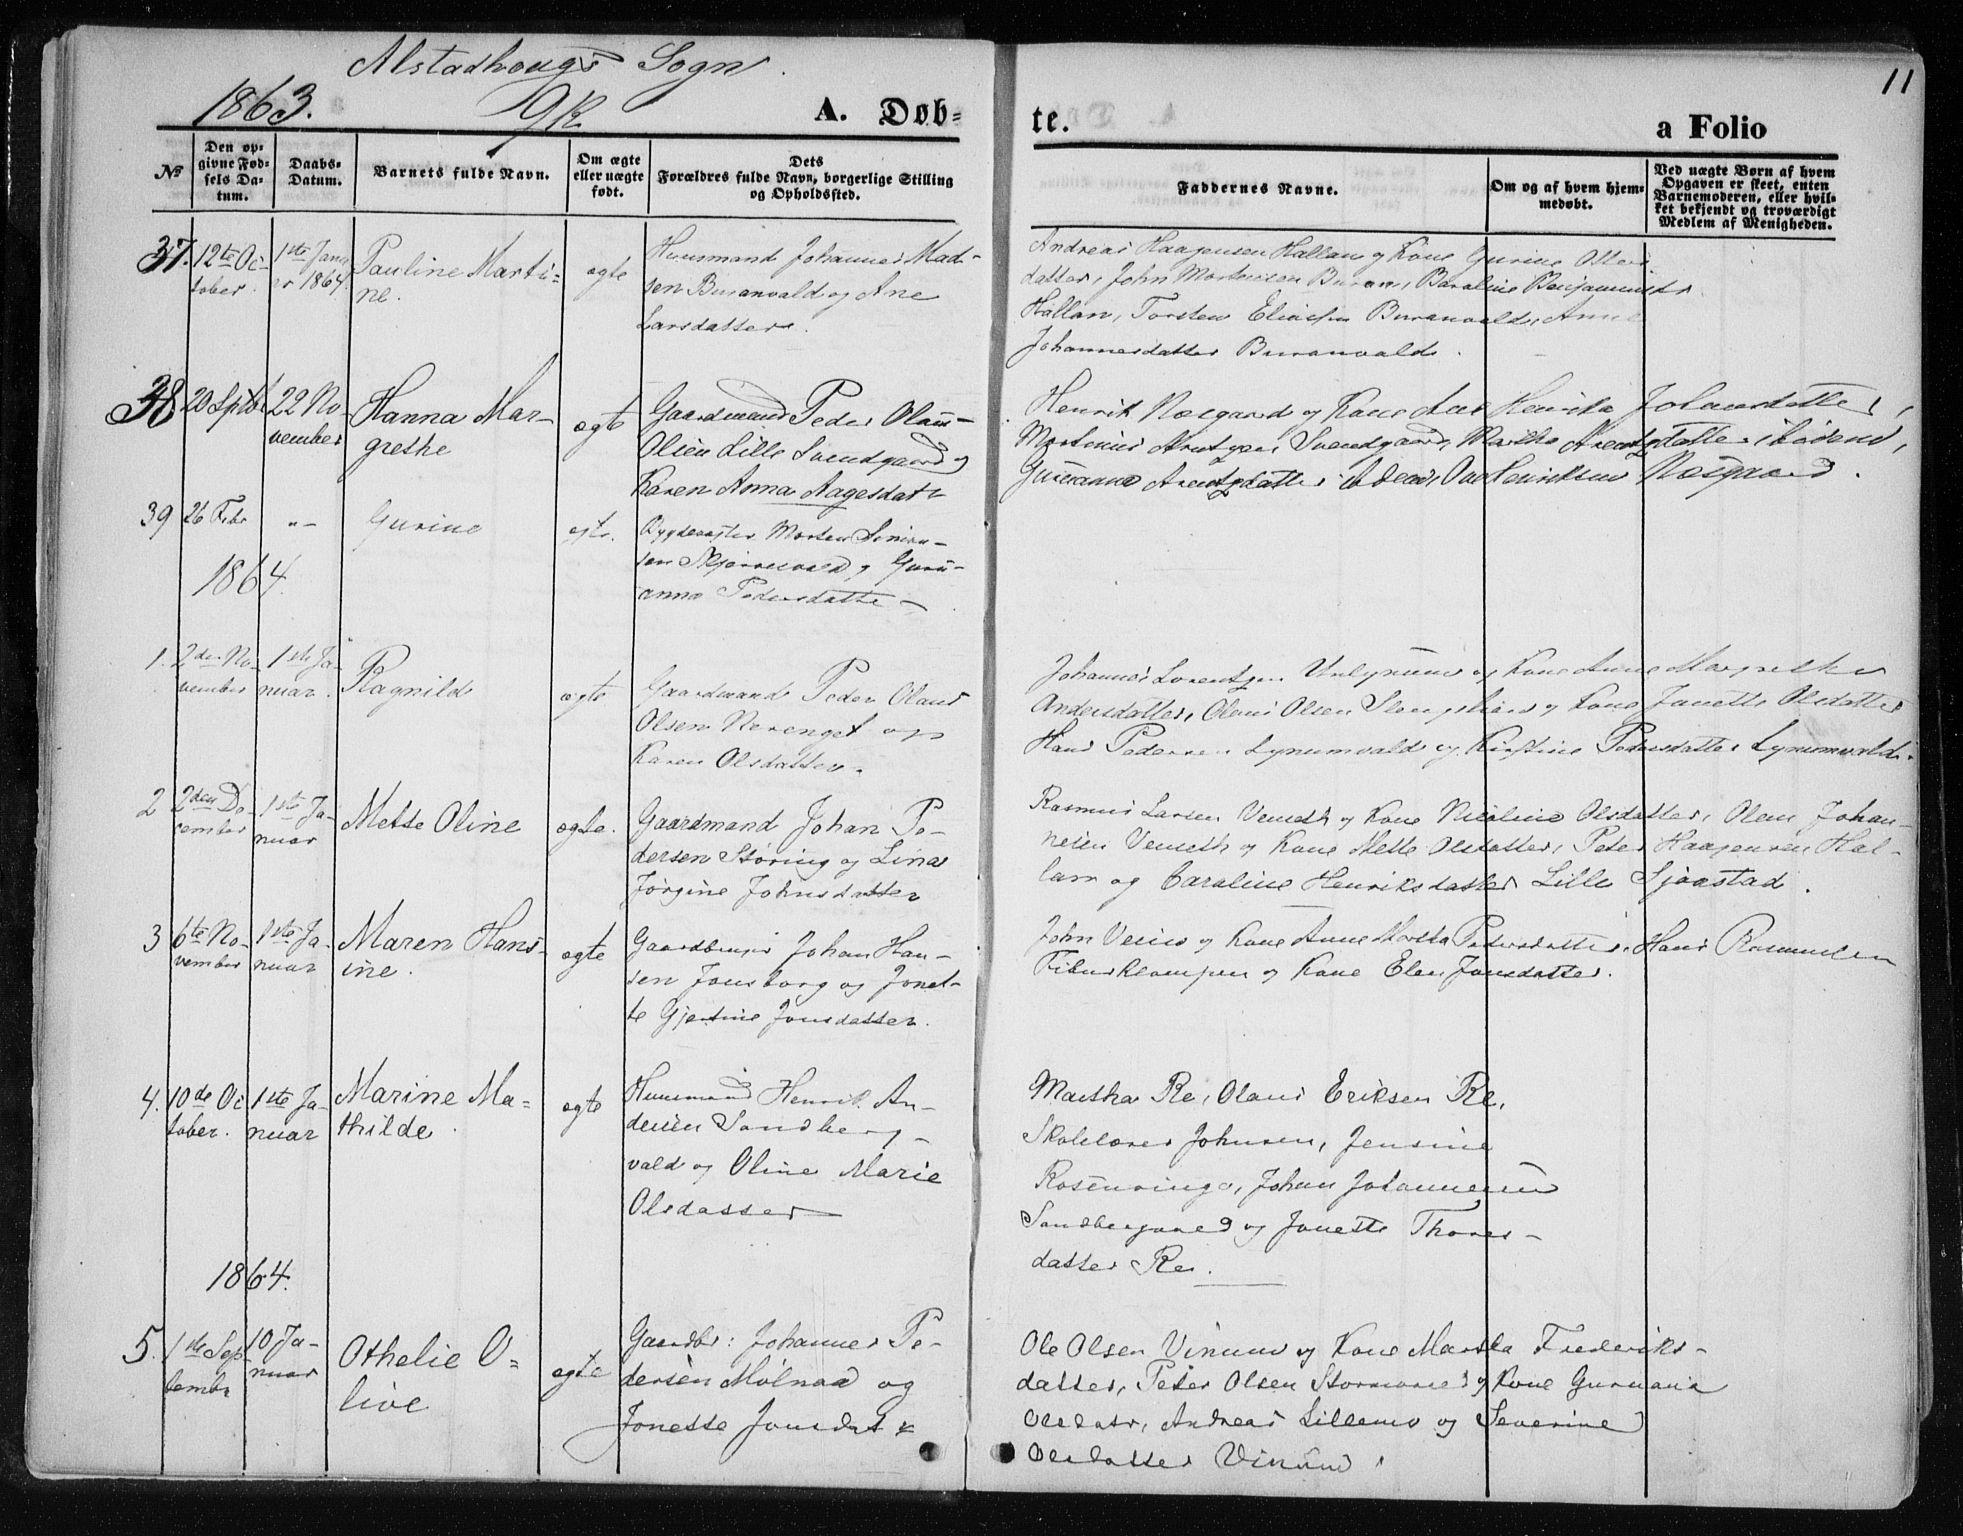 SAT, Ministerialprotokoller, klokkerbøker og fødselsregistre - Nord-Trøndelag, 717/L0157: Ministerialbok nr. 717A08 /1, 1863-1877, s. 11